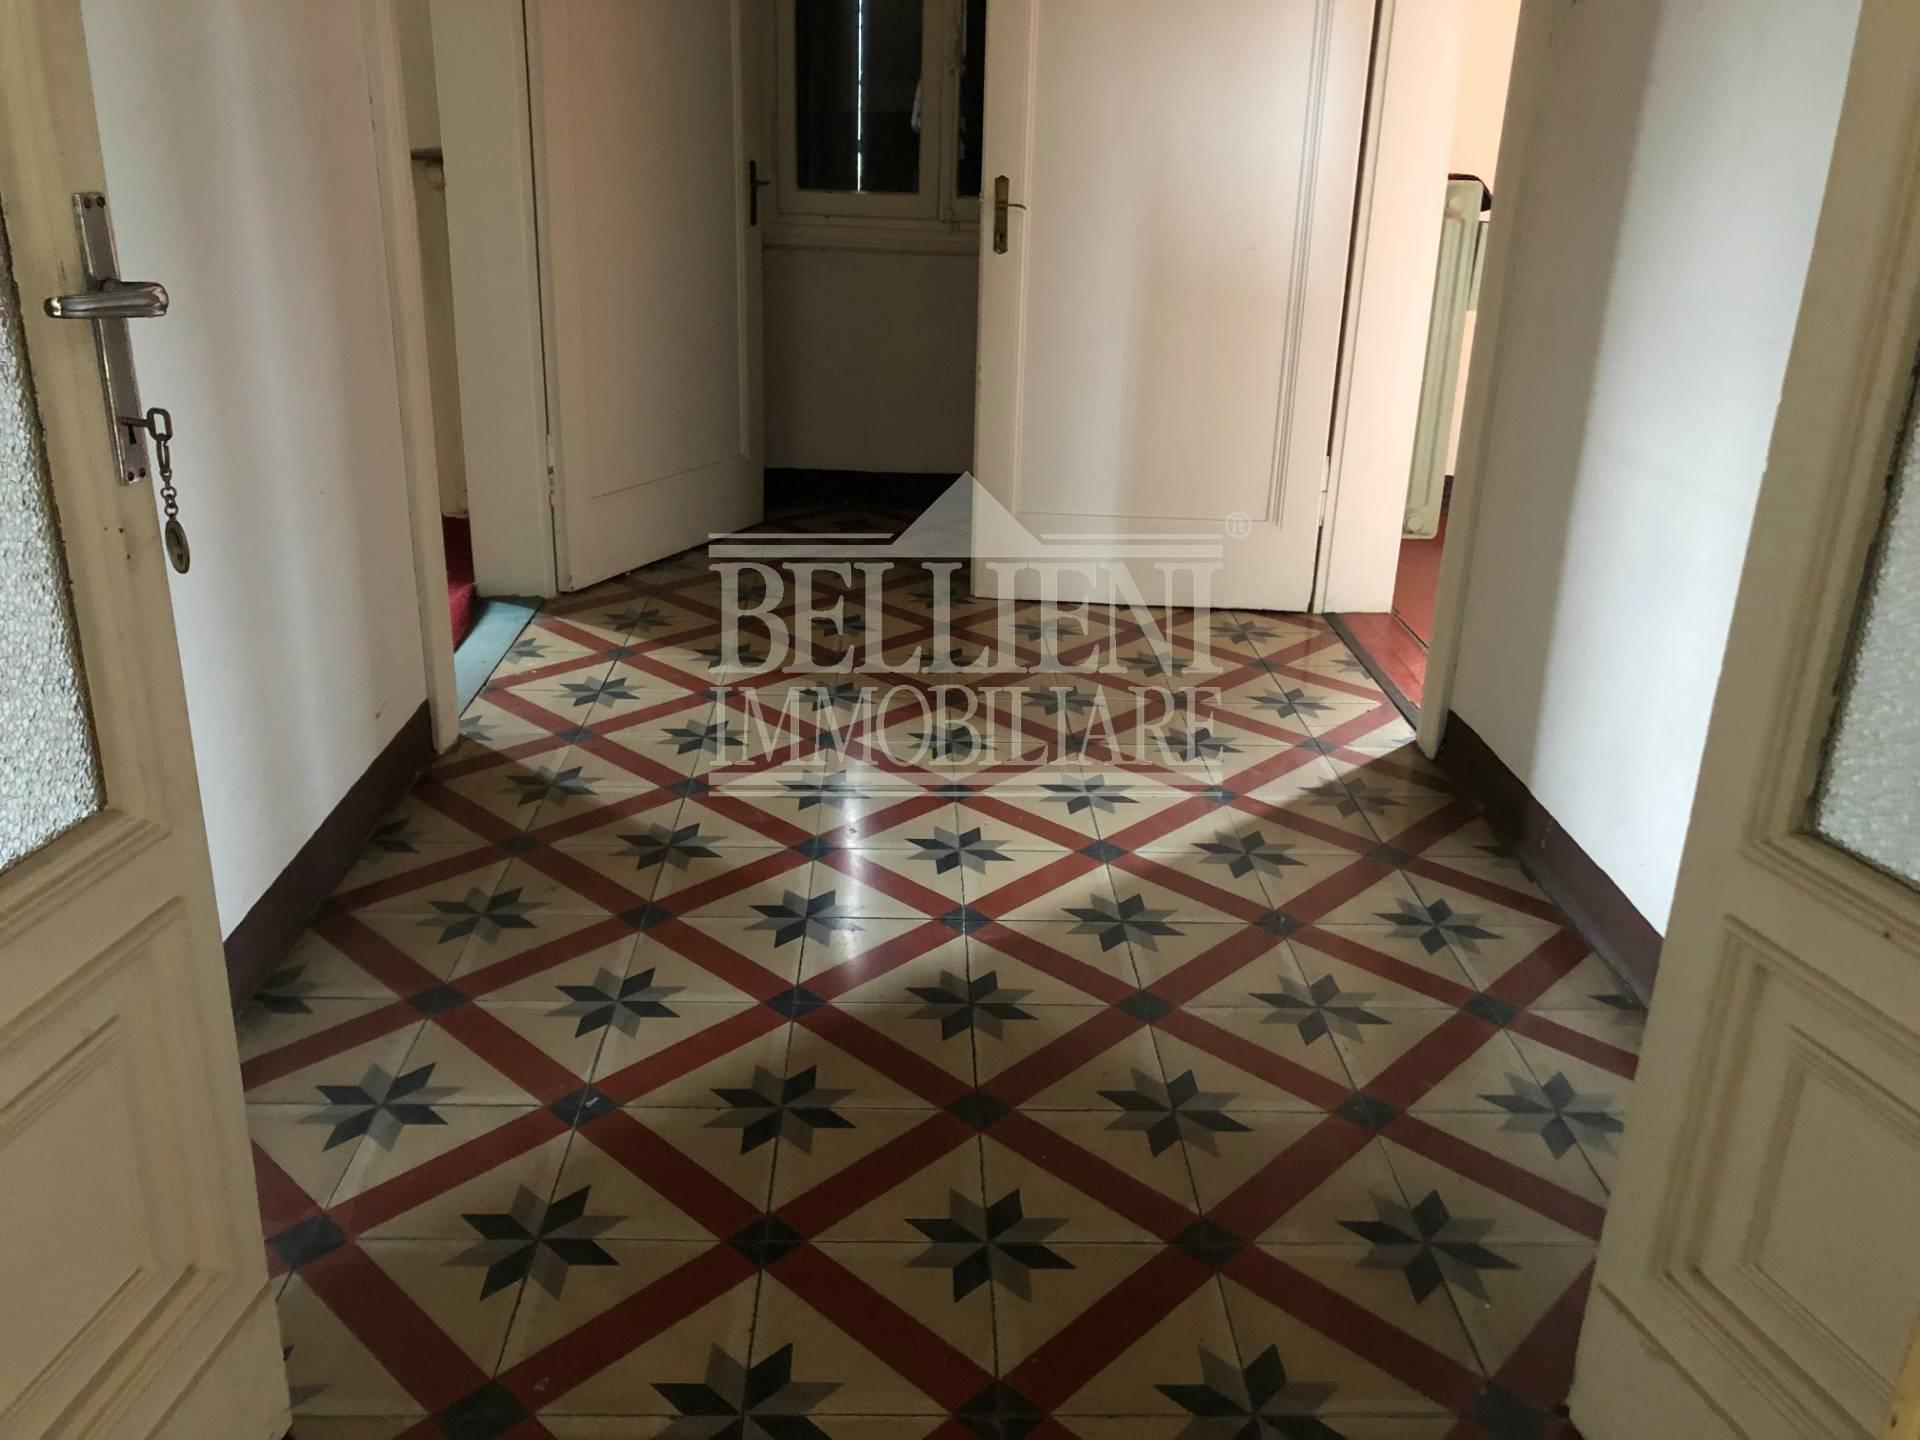 Villa in vendita a Vicenza, 12 locali, zona Località: PortaLupia-Eretenia-SsApostoli-SanSilvestro, prezzo € 165.000   CambioCasa.it